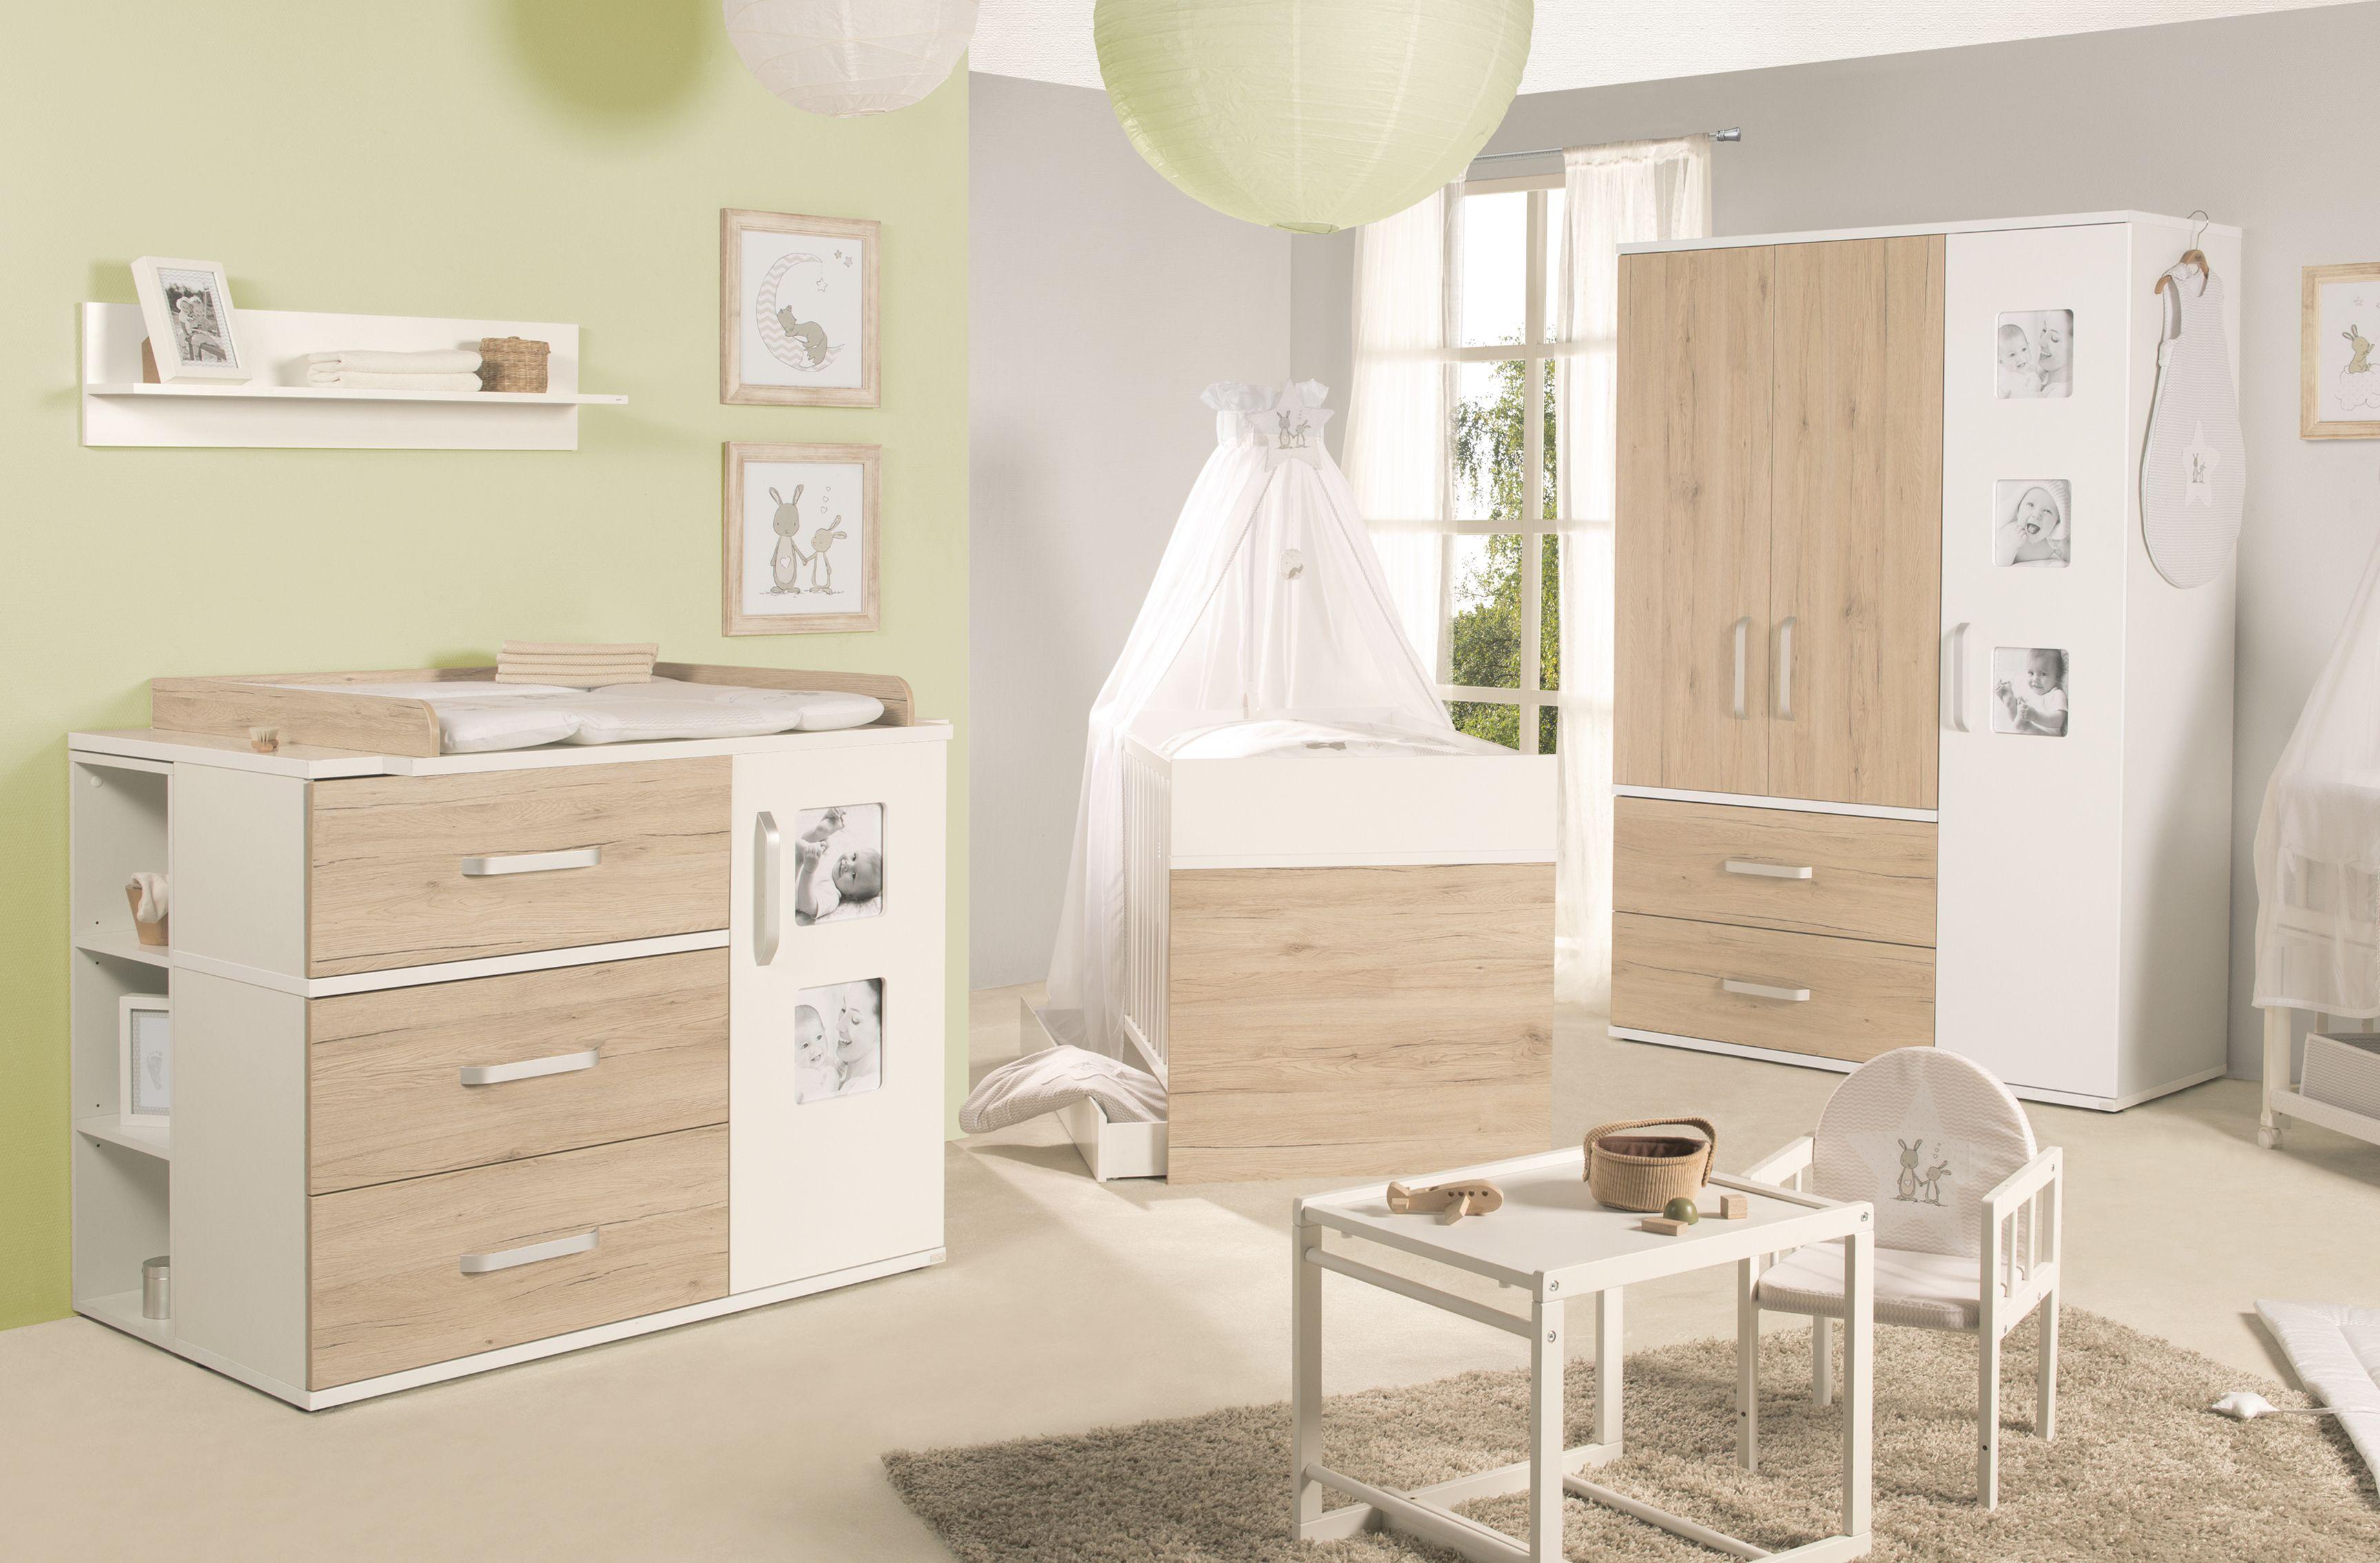 roba kinderzimmer. Black Bedroom Furniture Sets. Home Design Ideas